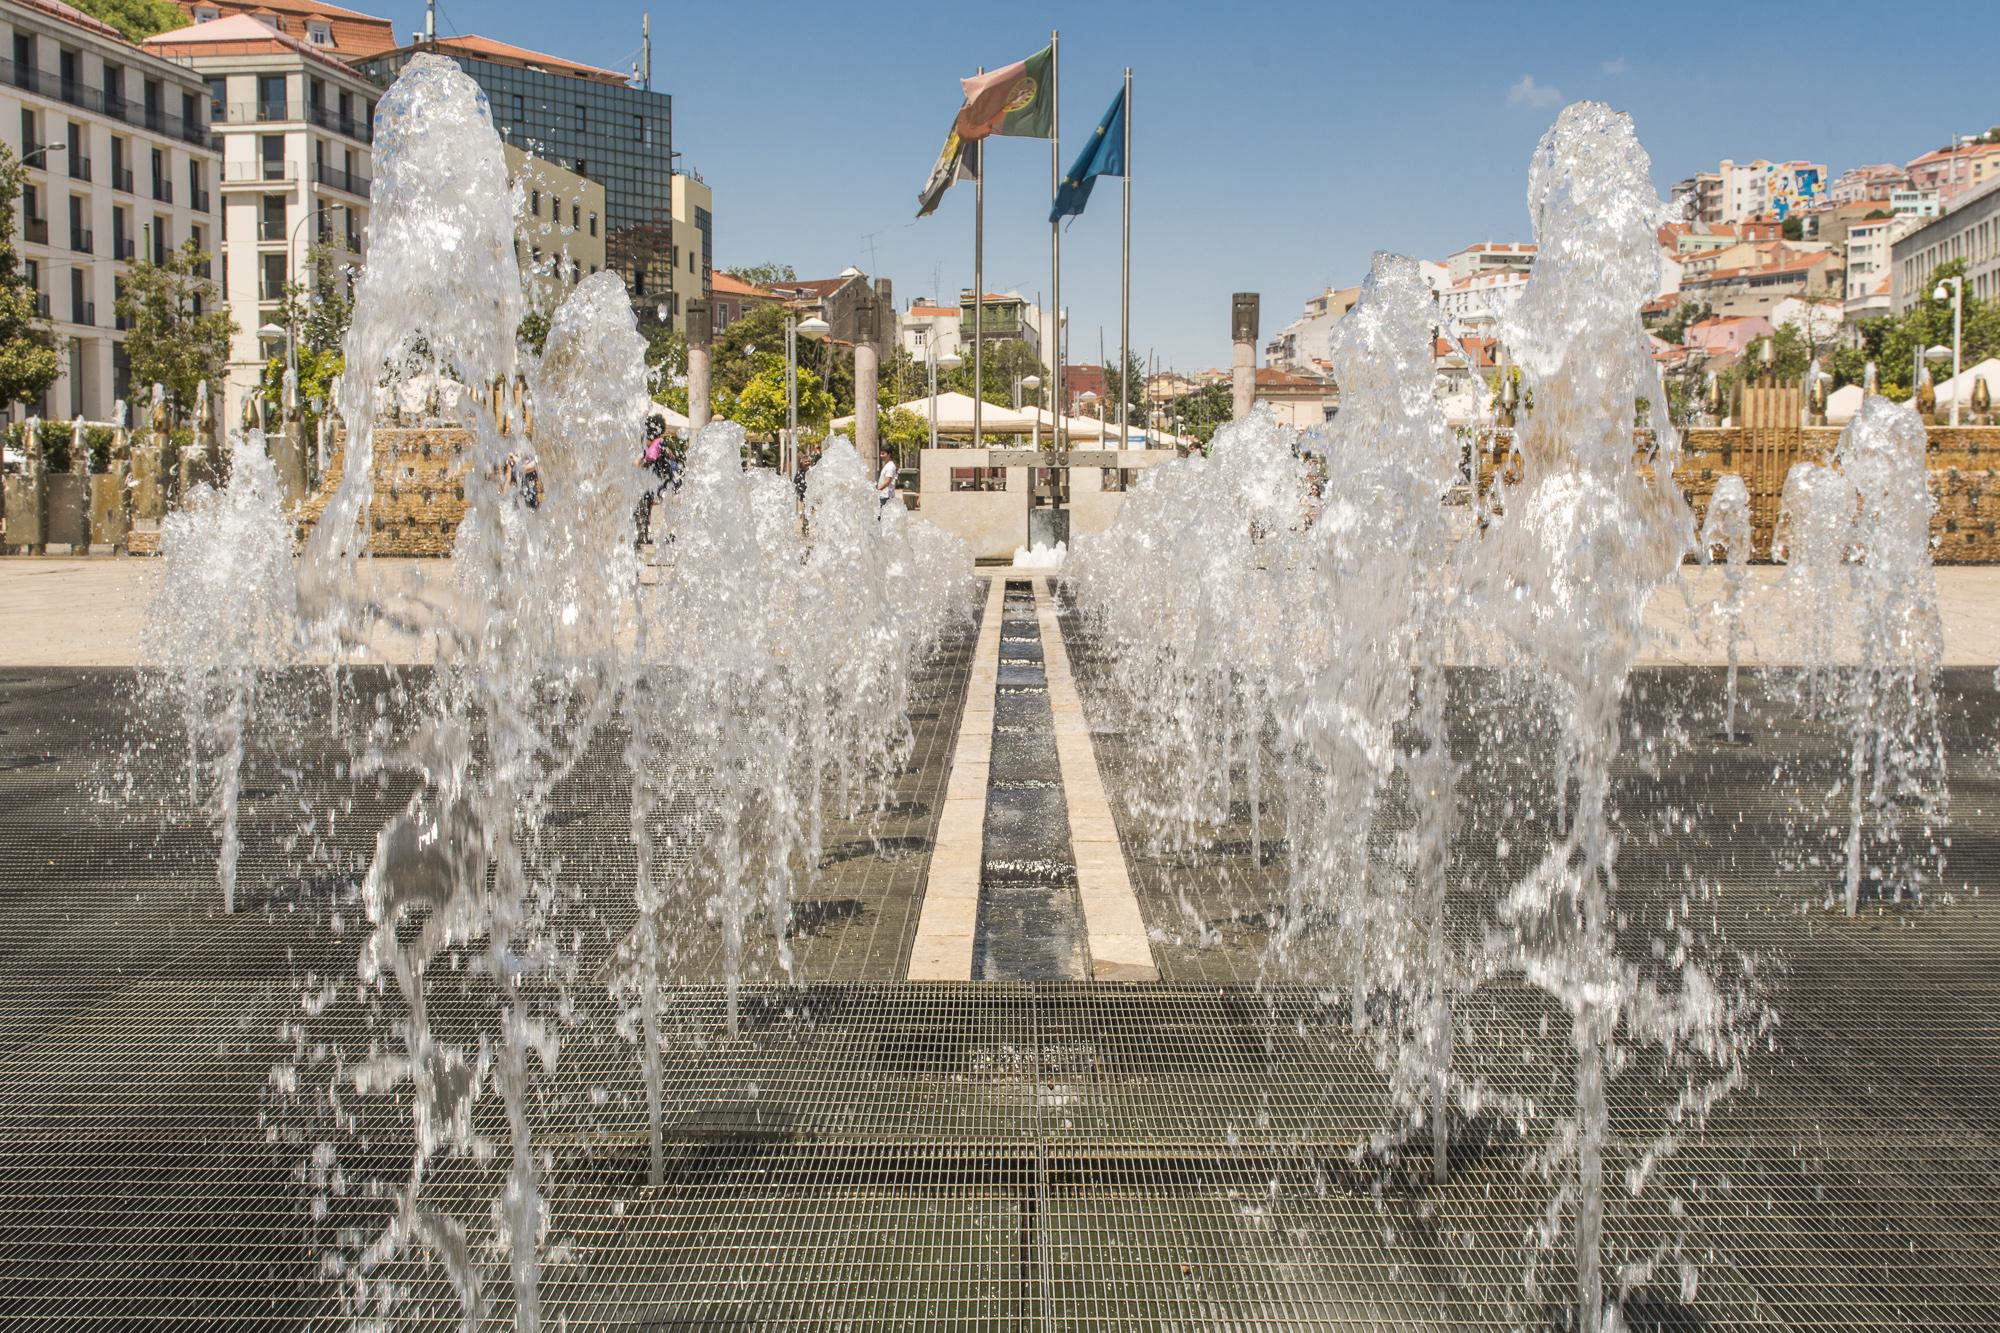 Praça Martim Moniz  PHOTOGRAPHY: ALEXANDER J.E. BRADLEY •NIKON D500 • AF-S NIKKOR 24-70mm f/2.8G ED • 26mm • F/11 •1/250 •ISO 100